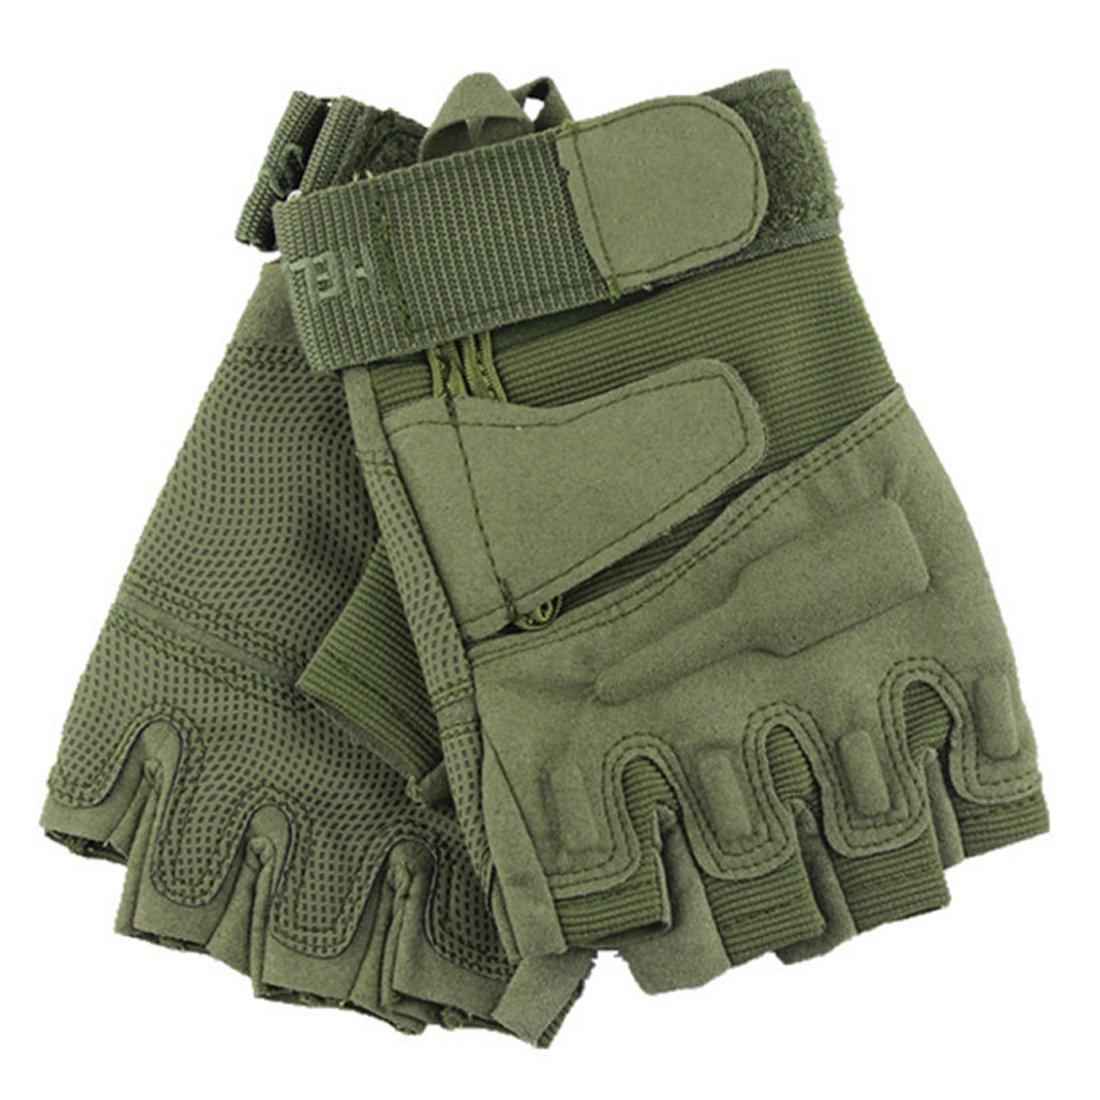 Yihya Traspirante Anti-Scivolo Guanti army green Tattici Militari Sportivi Tactical Outdoor Sport Fitness Barretta Airsoft Pesca Palestra Caccia Equitazione Completa Finger Guanti Gloves - M